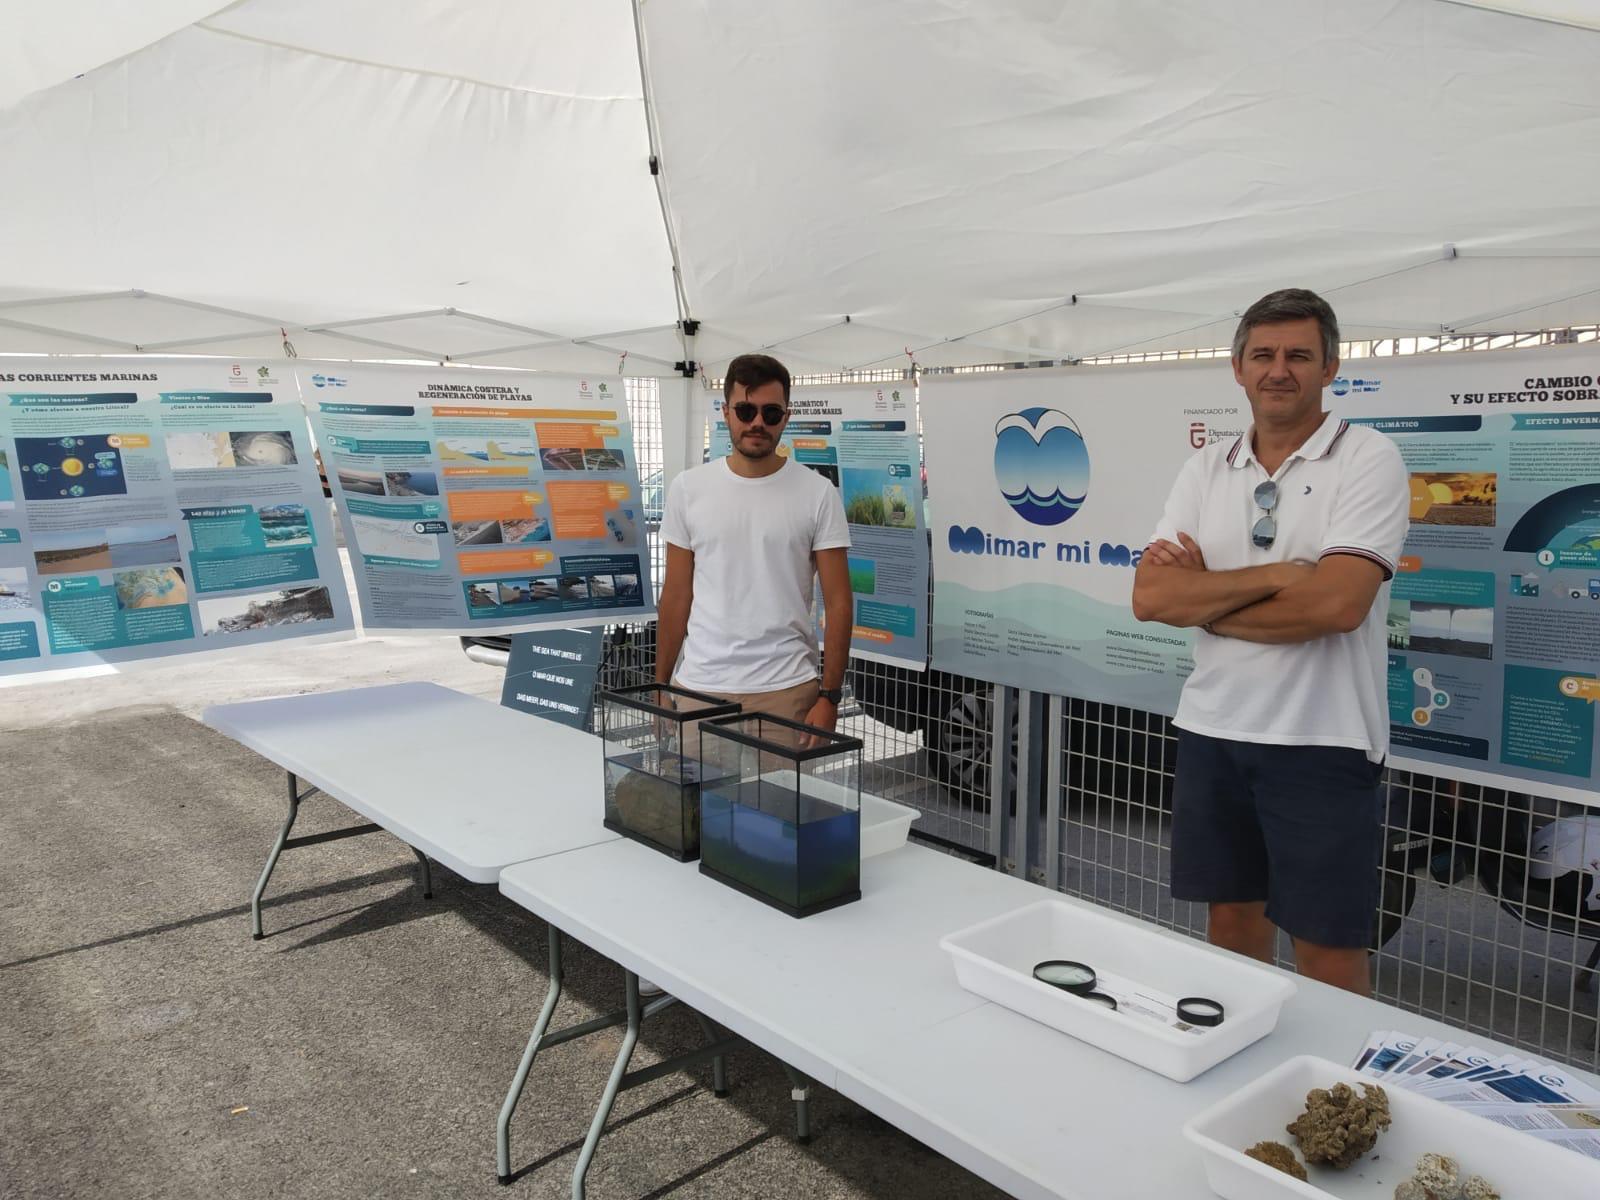 Un Laboratorio de Riesgos Marinos se unirá al Aula del Mar de la UGR en el estudio de la costa de Granada